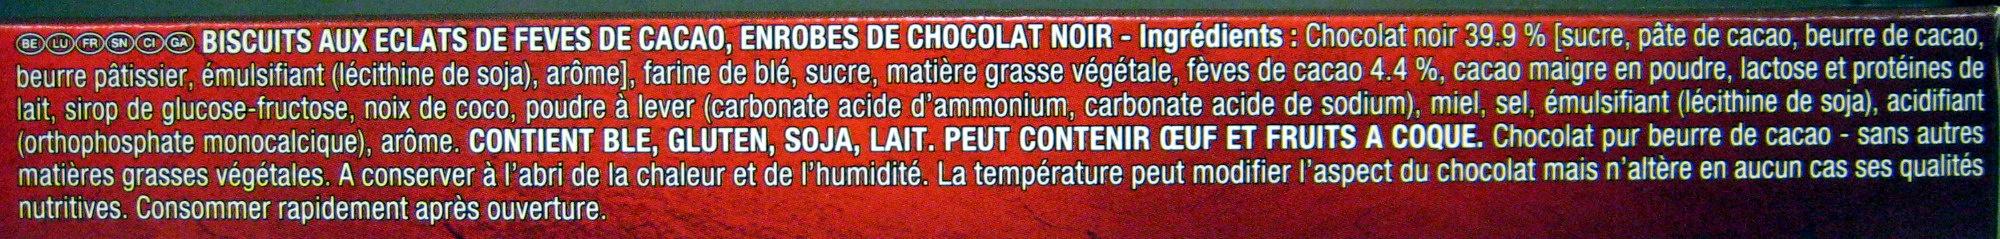 Palet intense Noir aux éclats de fèves de cacao - Ingrédients - fr